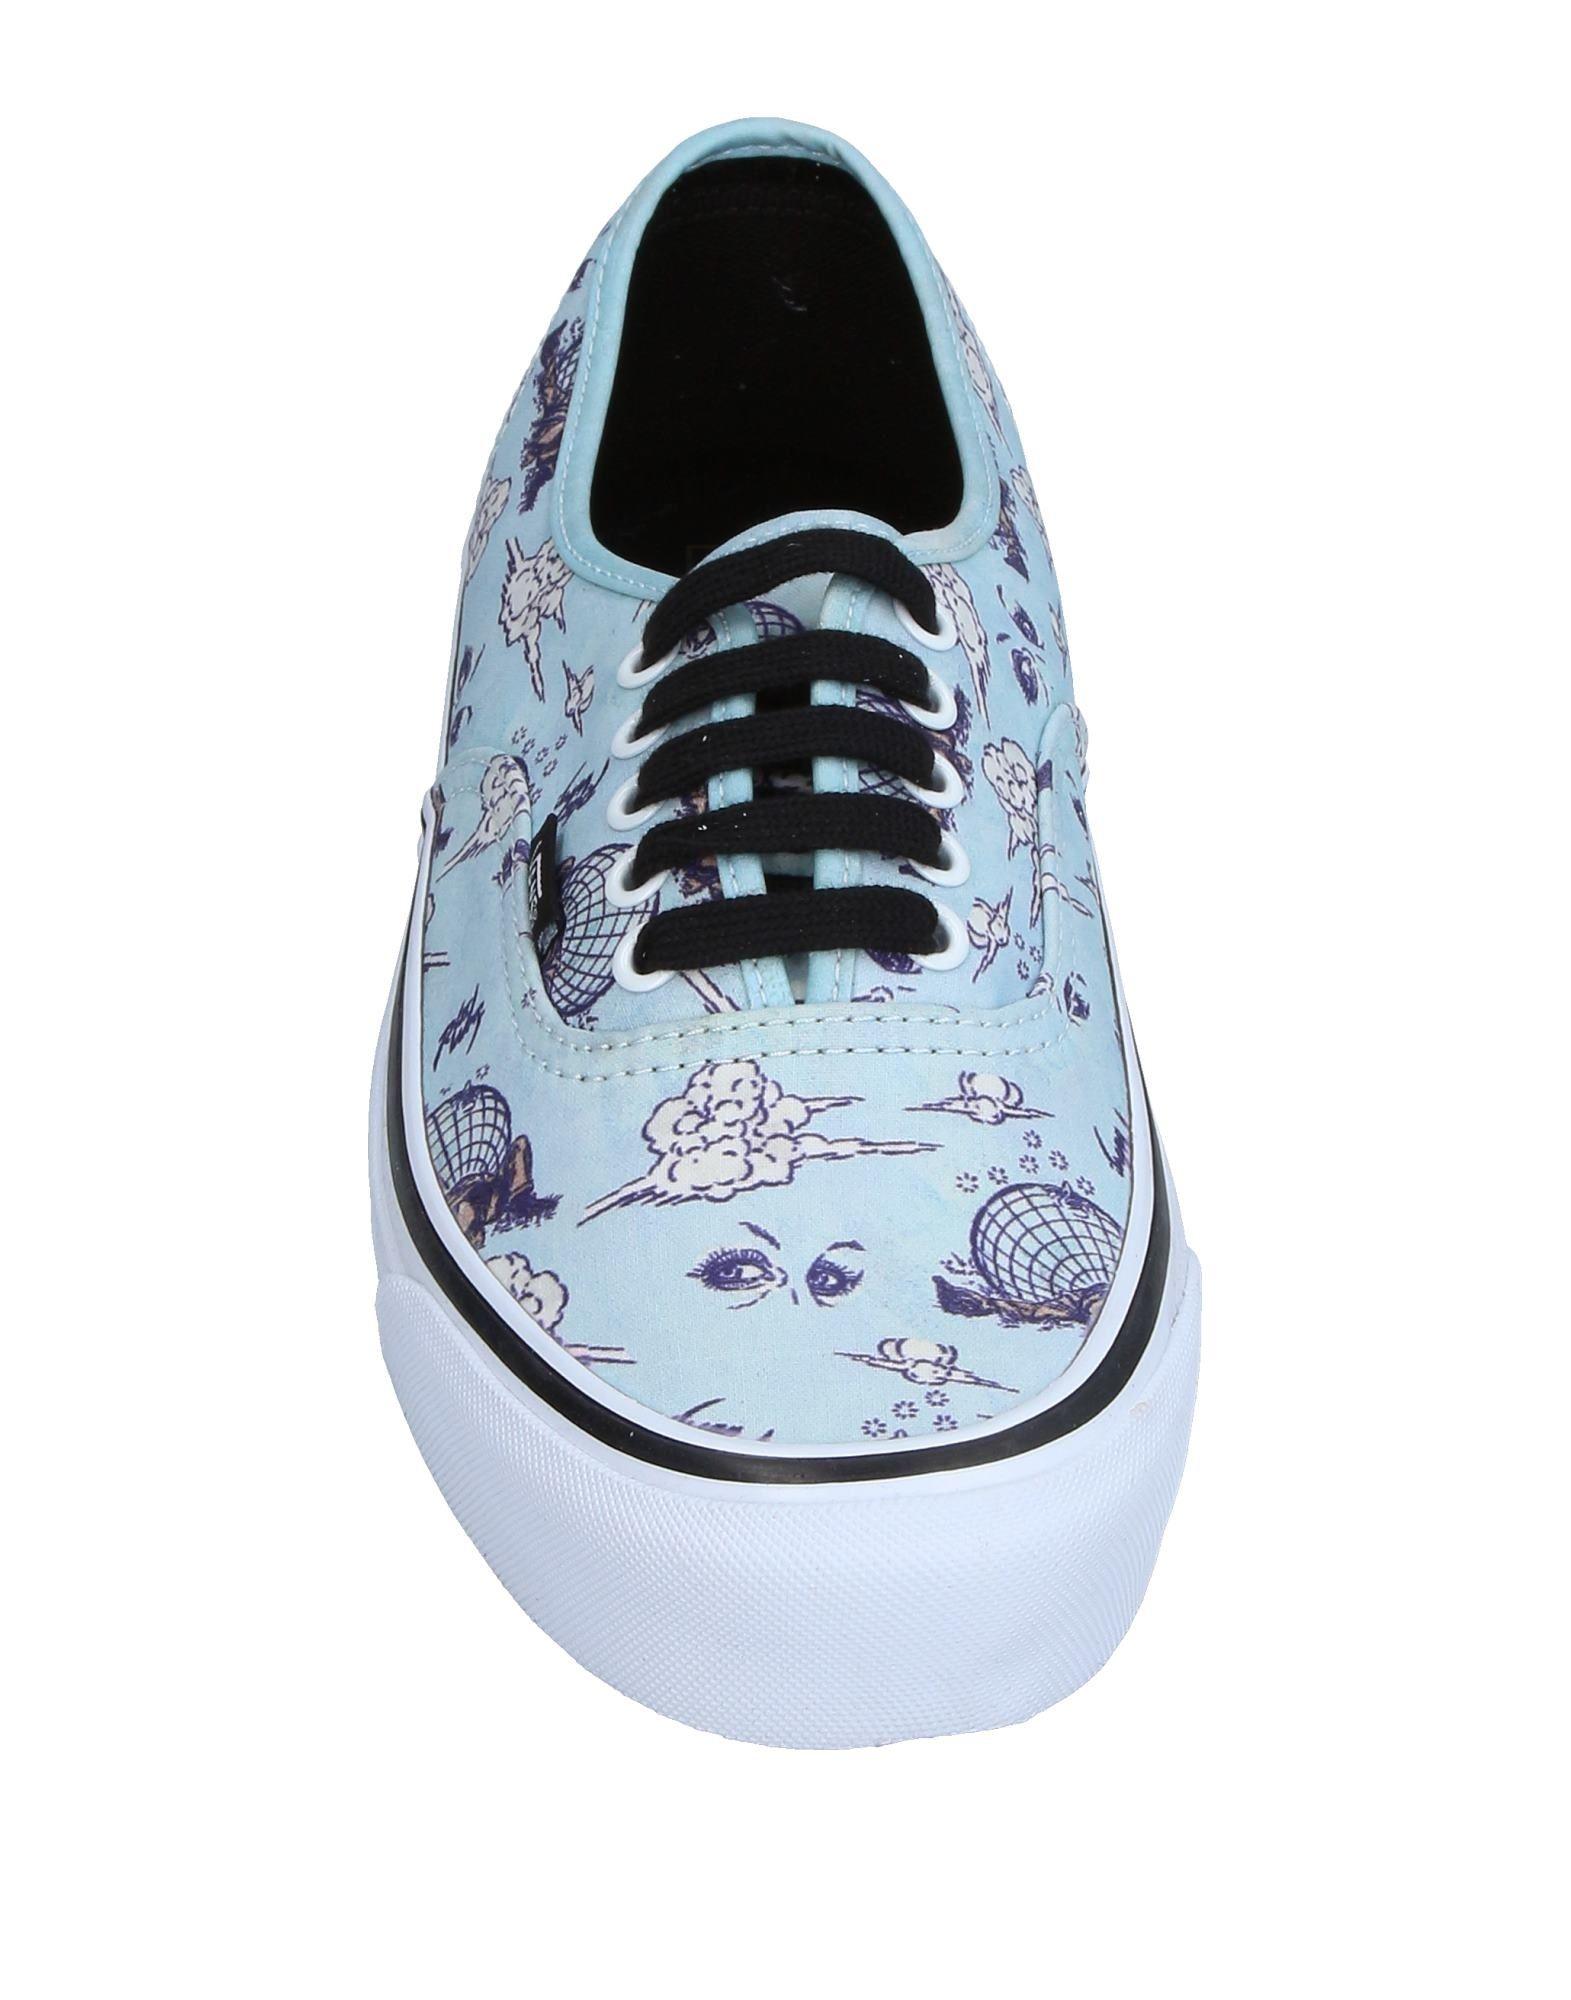 Vans Sneakers Damen beliebte  11234508LS Gute Qualität beliebte Damen Schuhe 4e513b